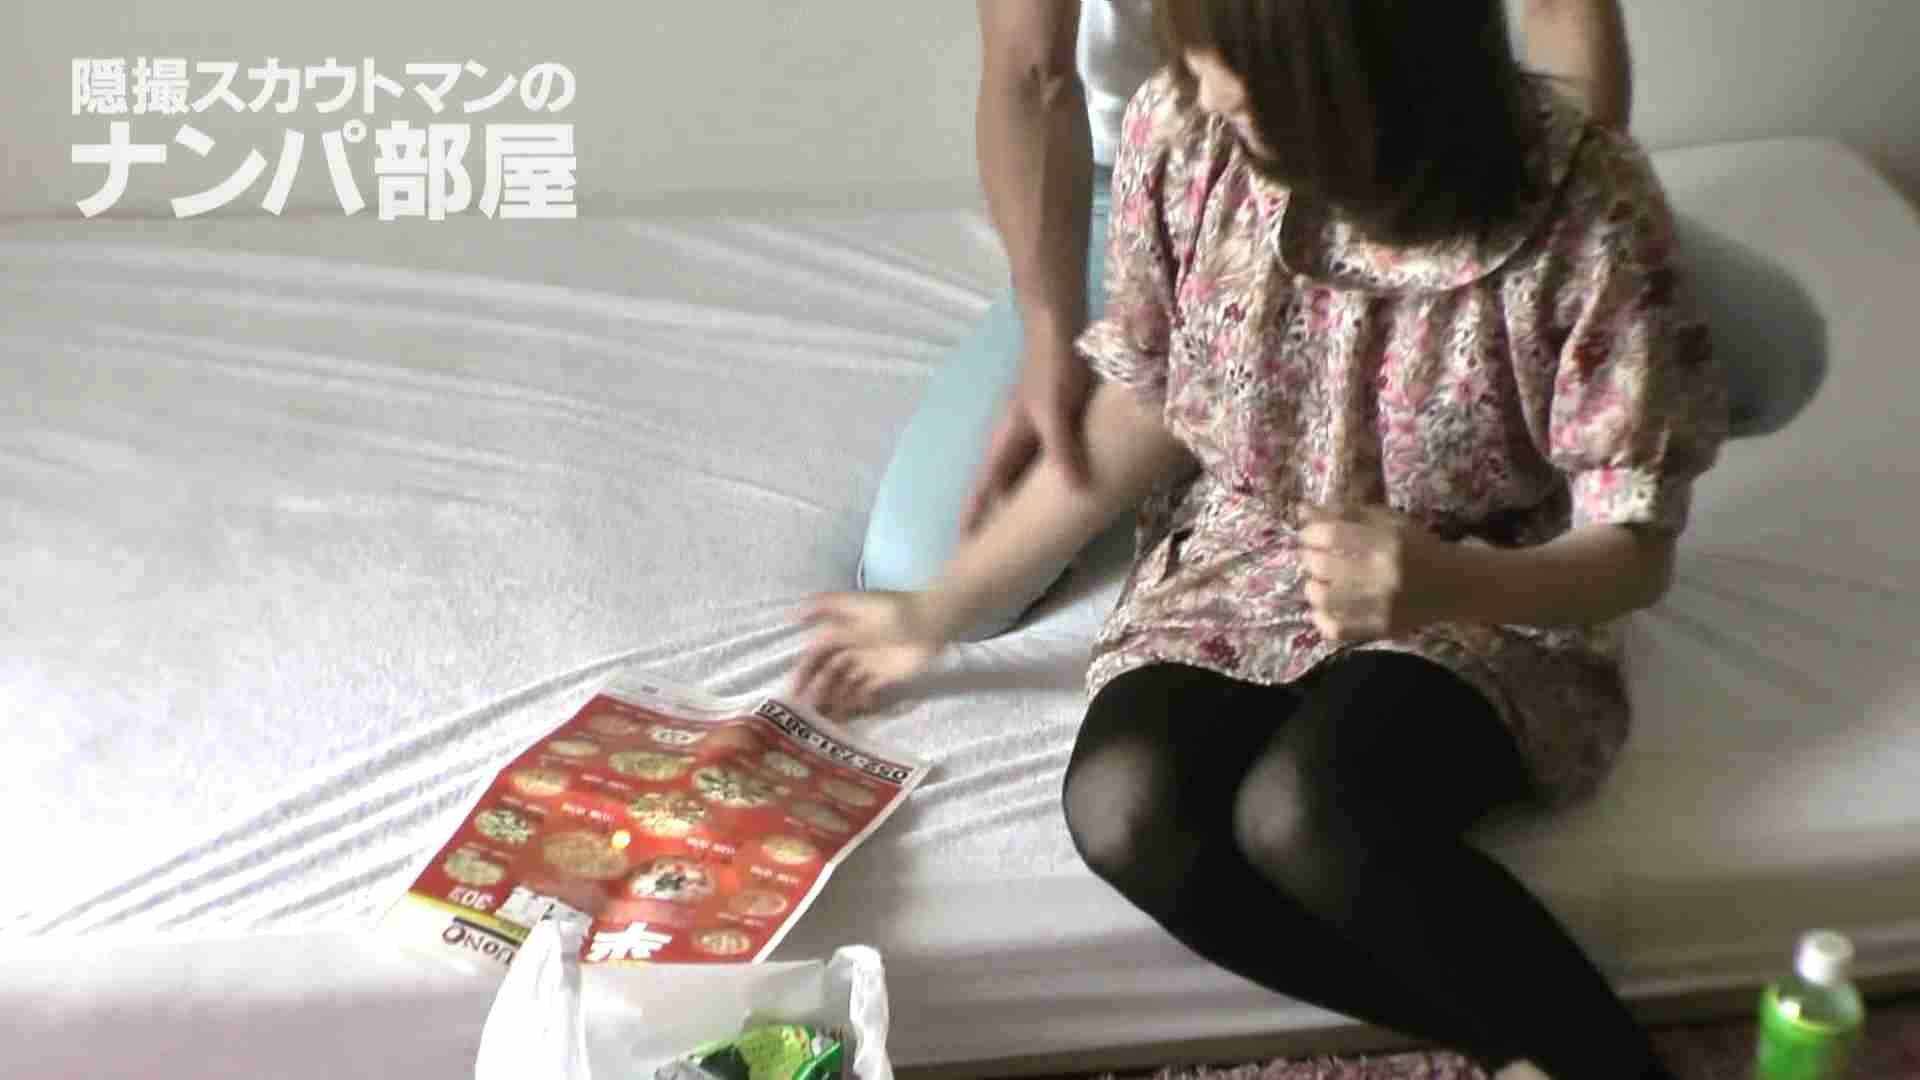 隠撮スカウトマンのナンパ部屋~風俗デビュー前のつまみ食い~ sii 脱衣所  100連発 9